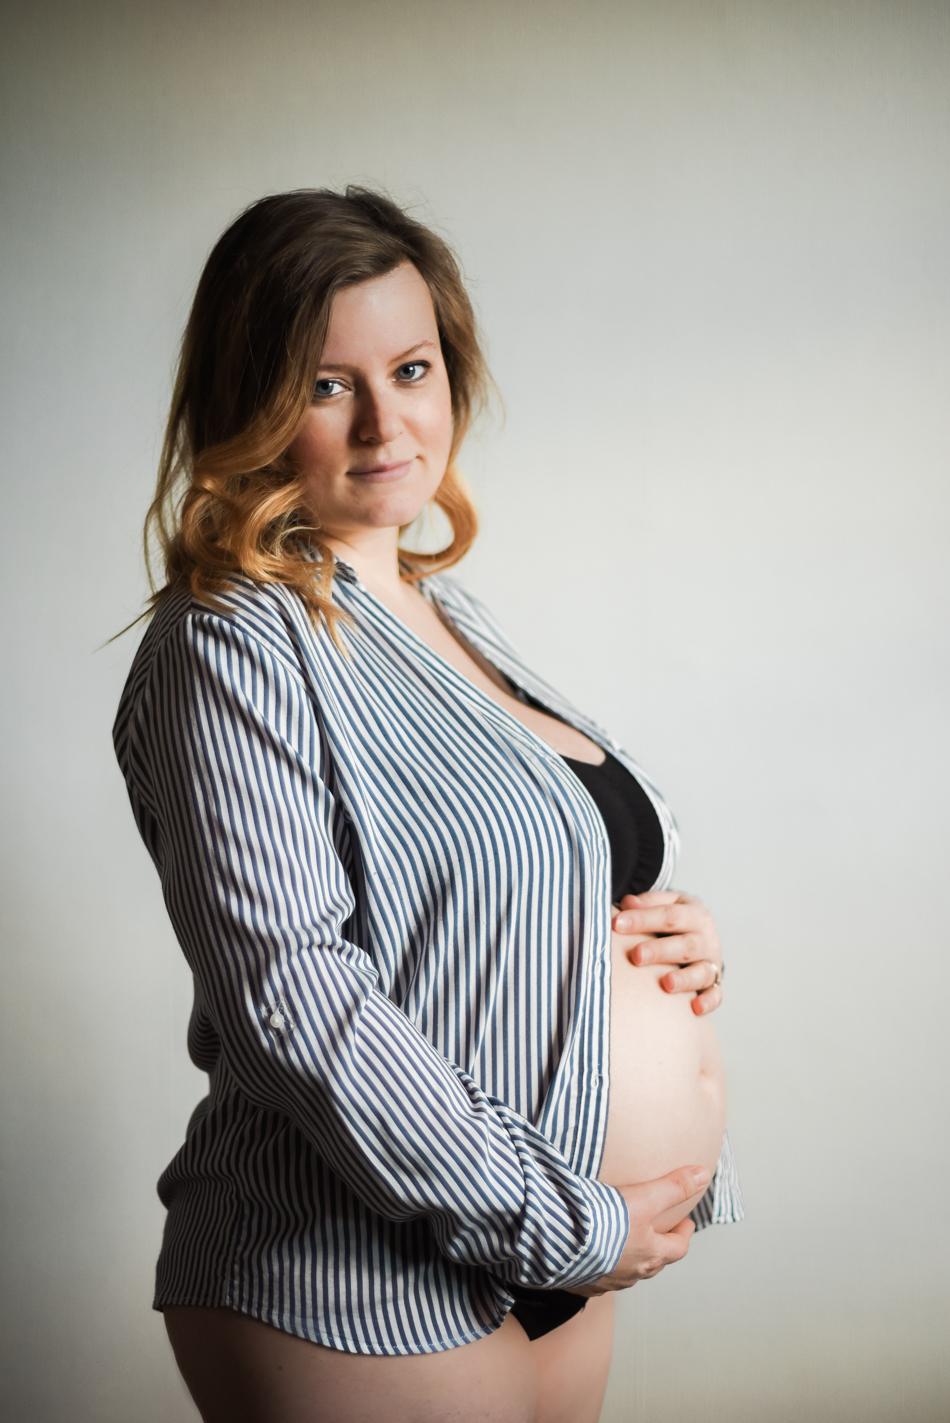 Pregnancy-Portrait-Boudoir-AnaisStoelen-3.jpg